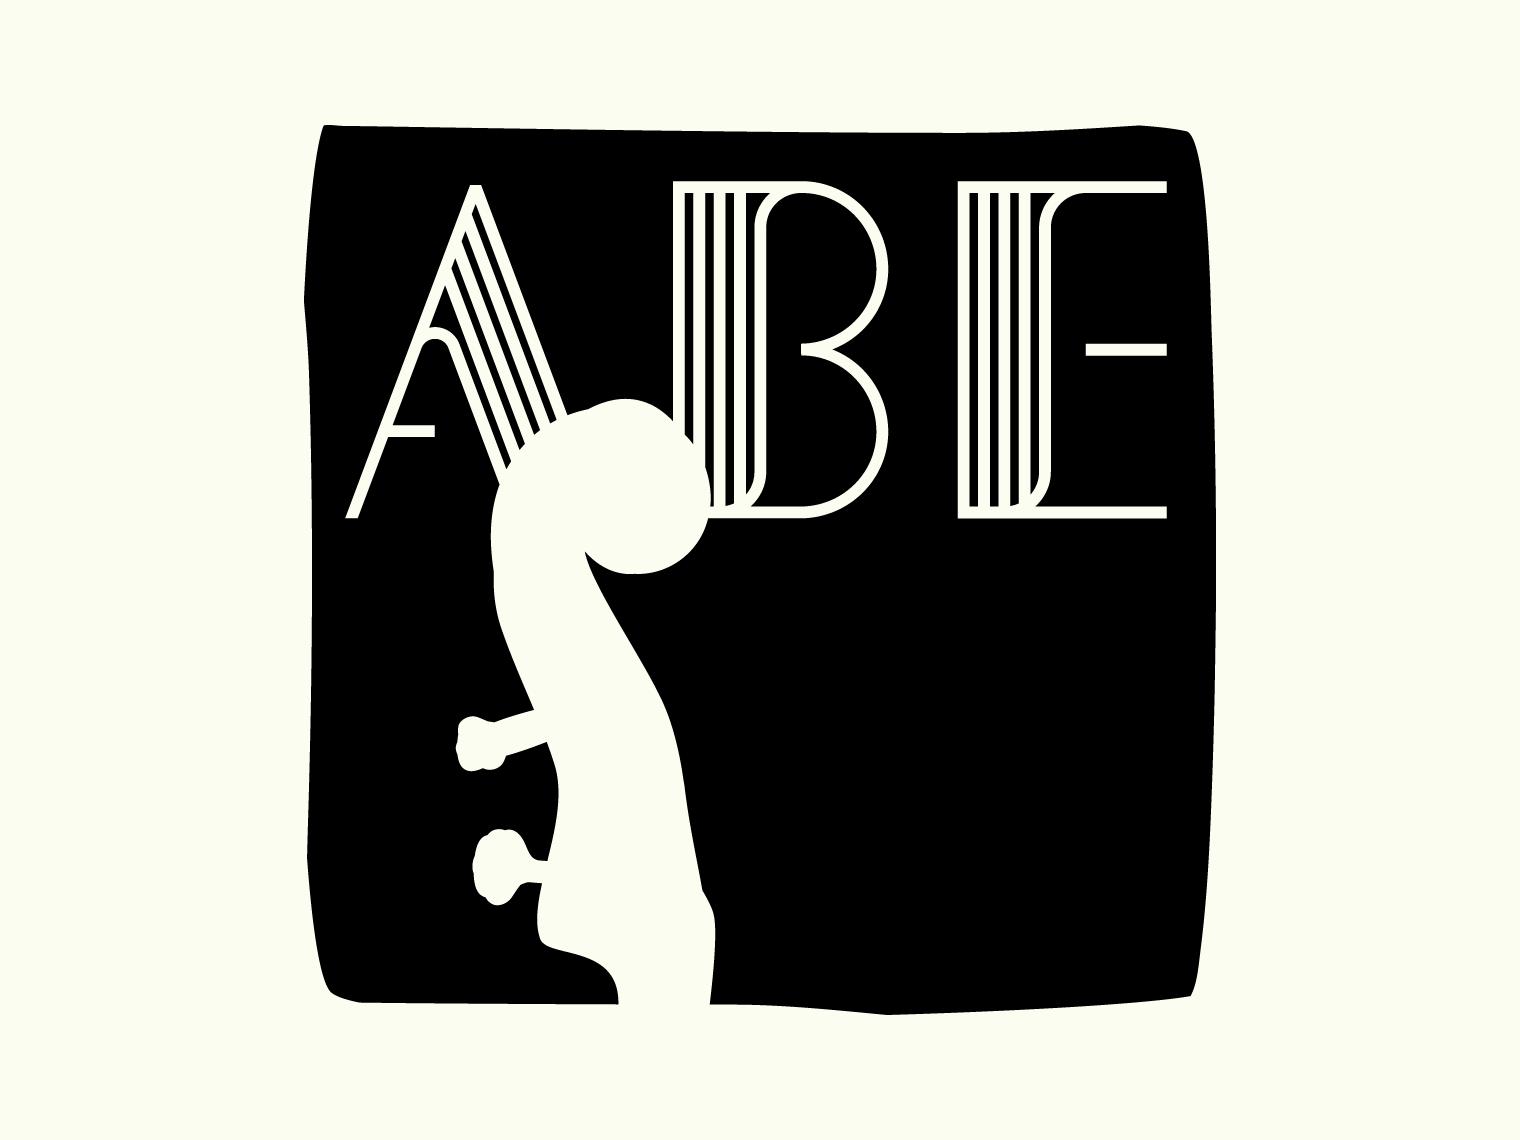 abe0021520